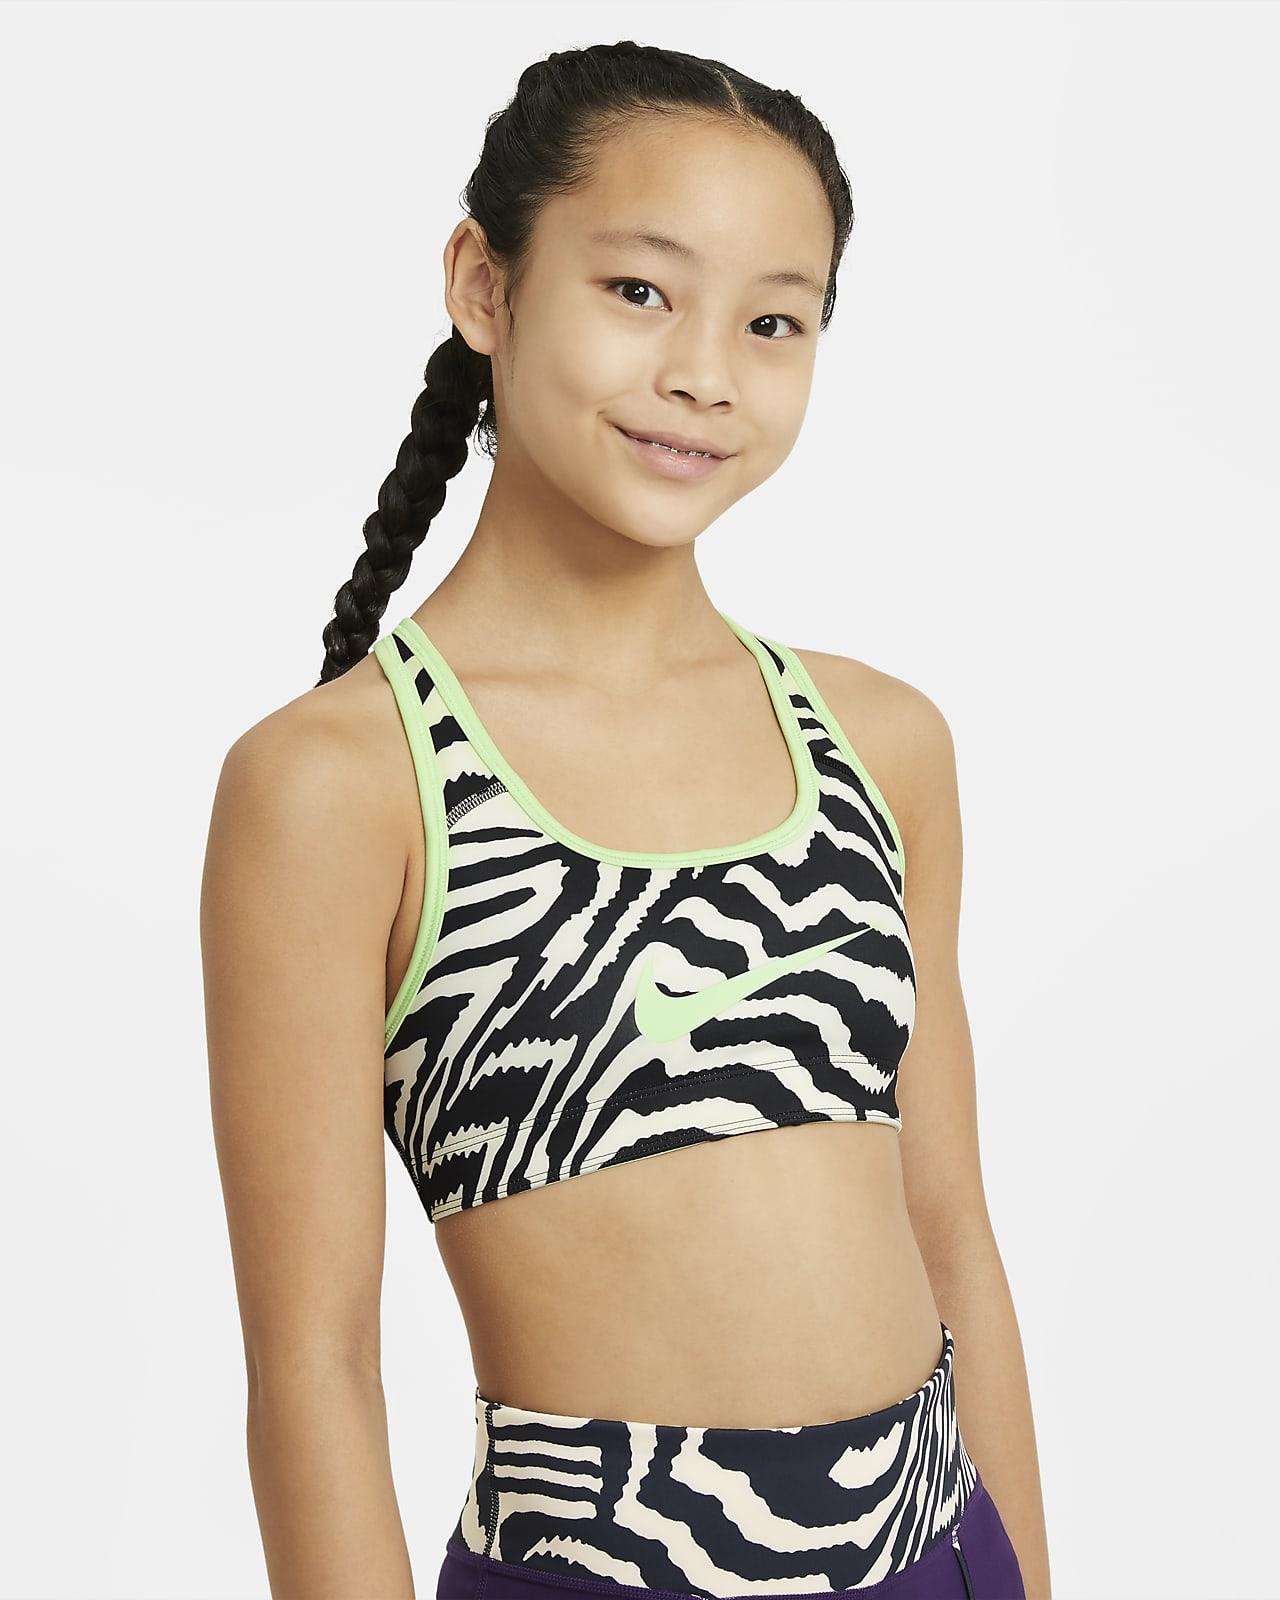 Εμπριμέ αθλητικός στηθόδεσμος διπλής όψης Nike Swoosh για μεγάλα κορίτσια